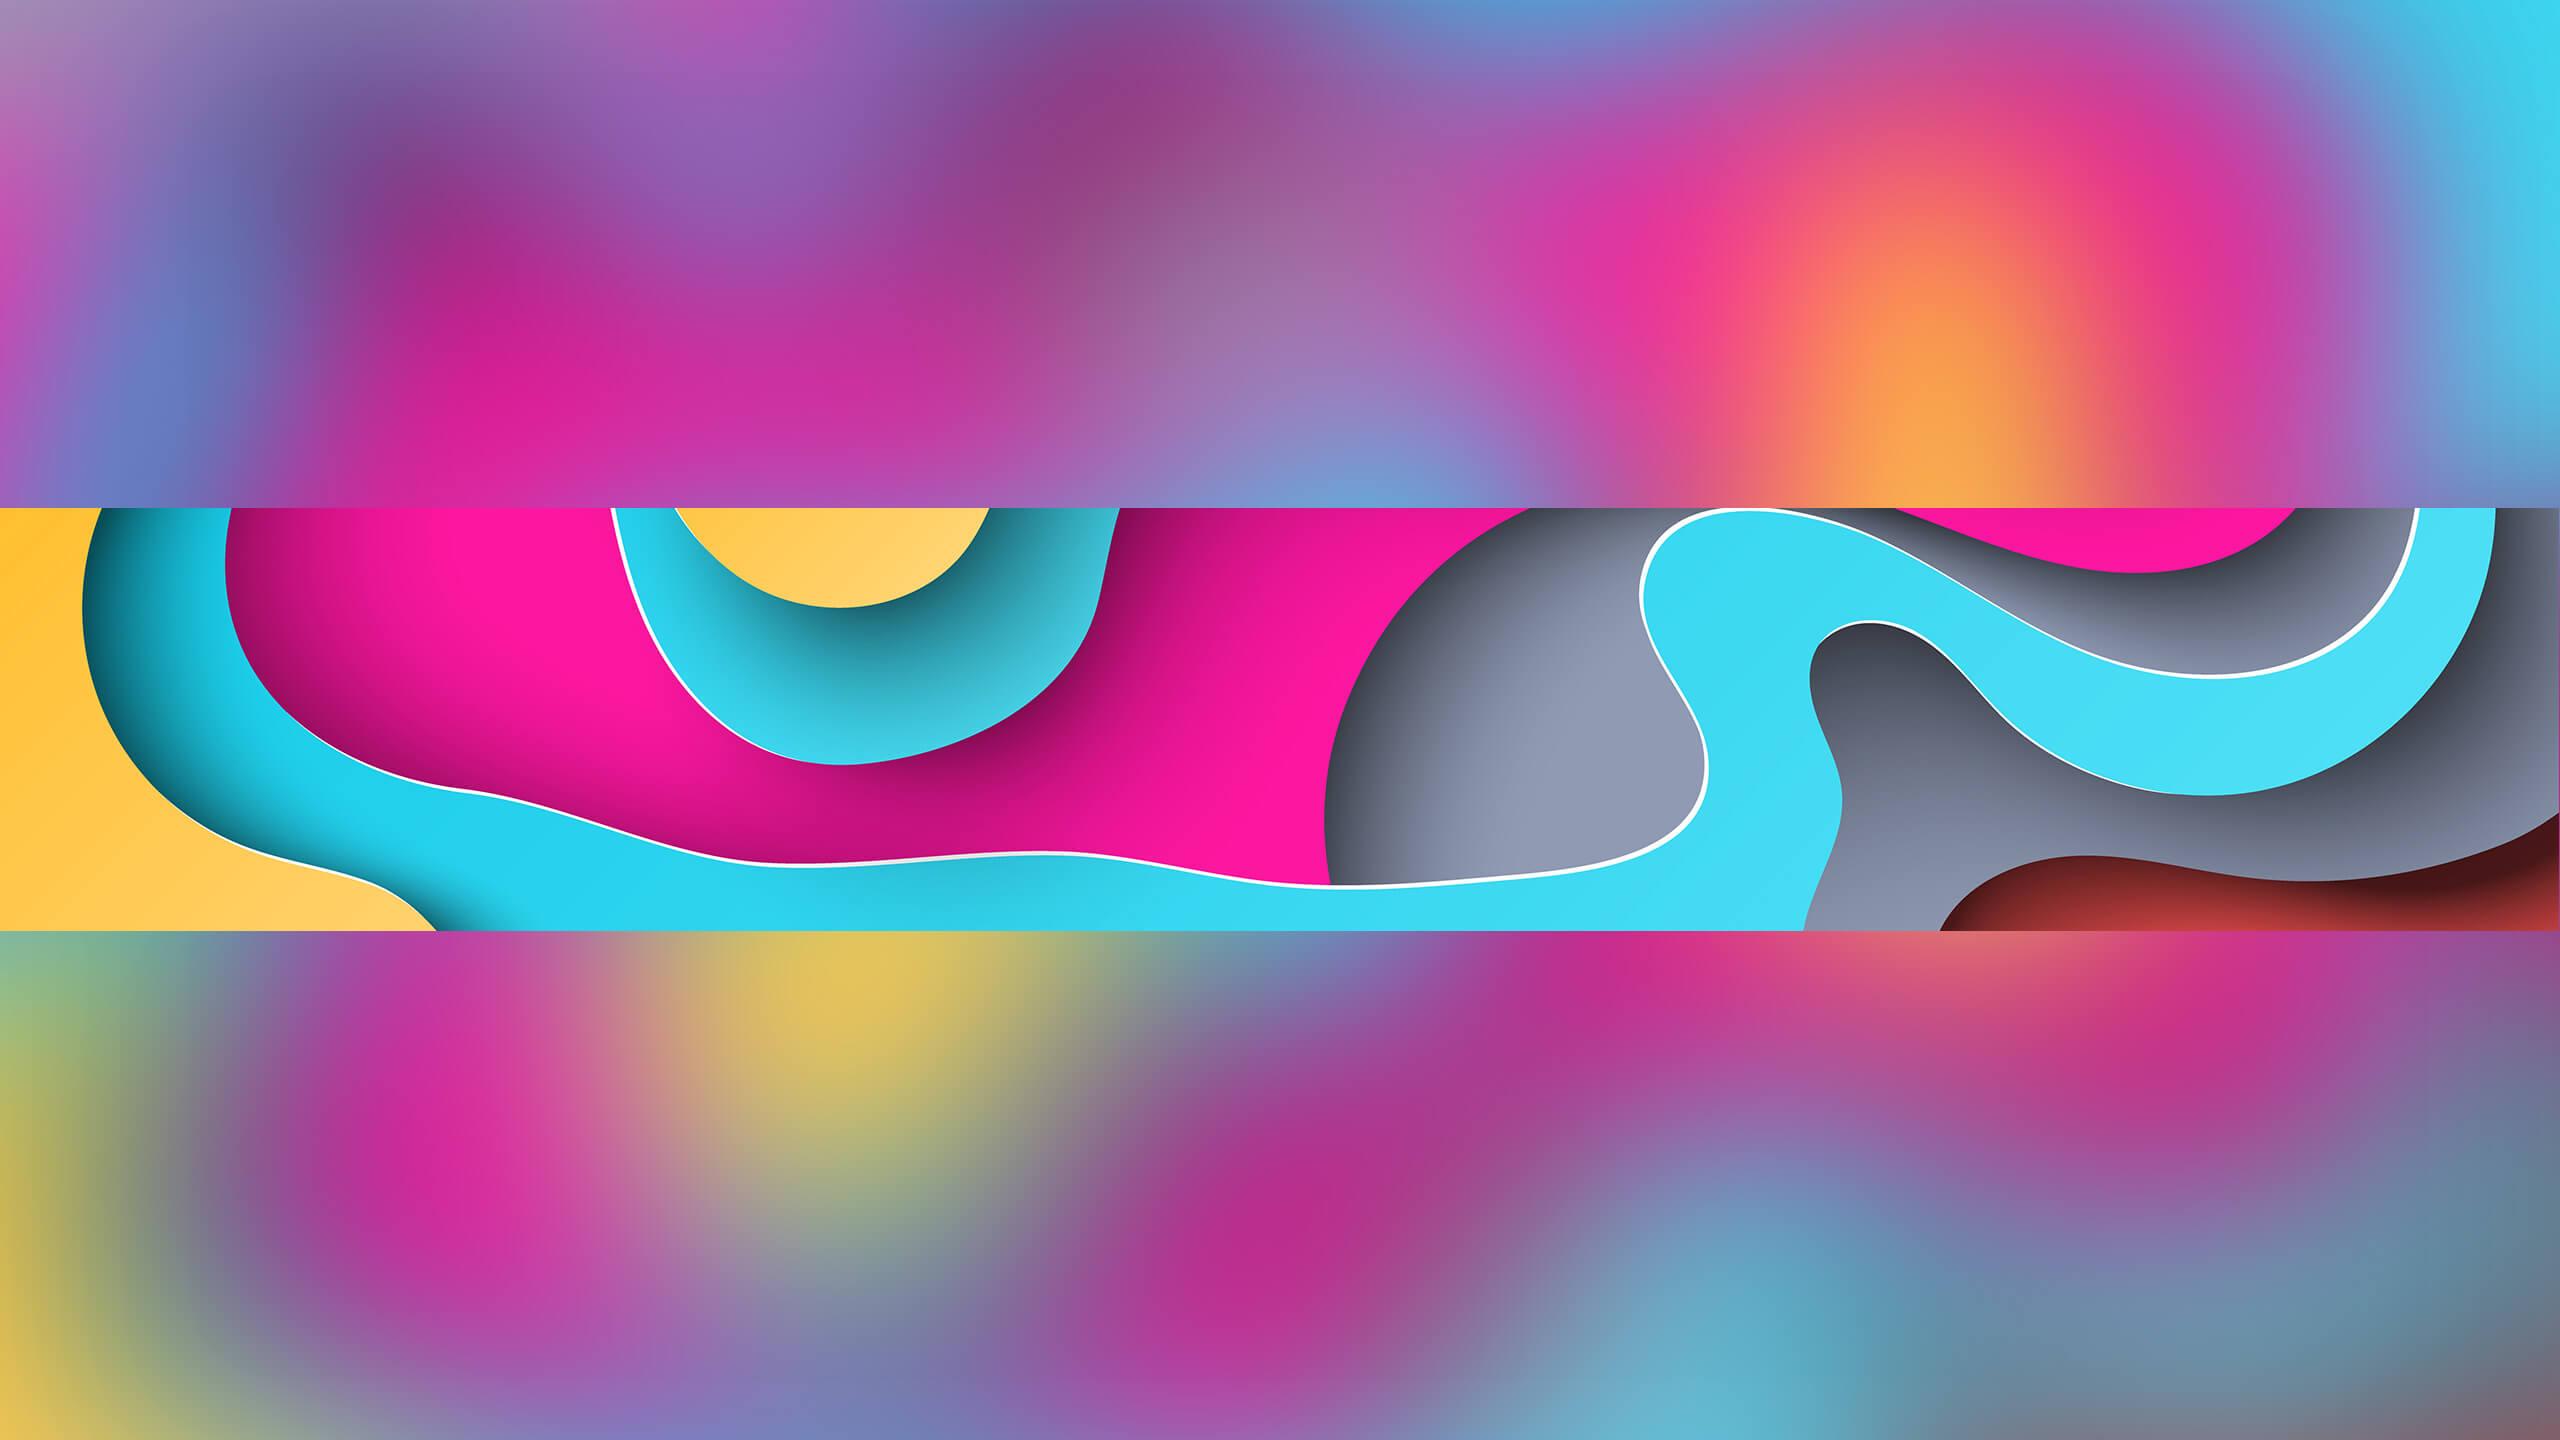 Картинка для ютуб канала с 3д эффектом из голубых, розовых и жёлтых узоров.